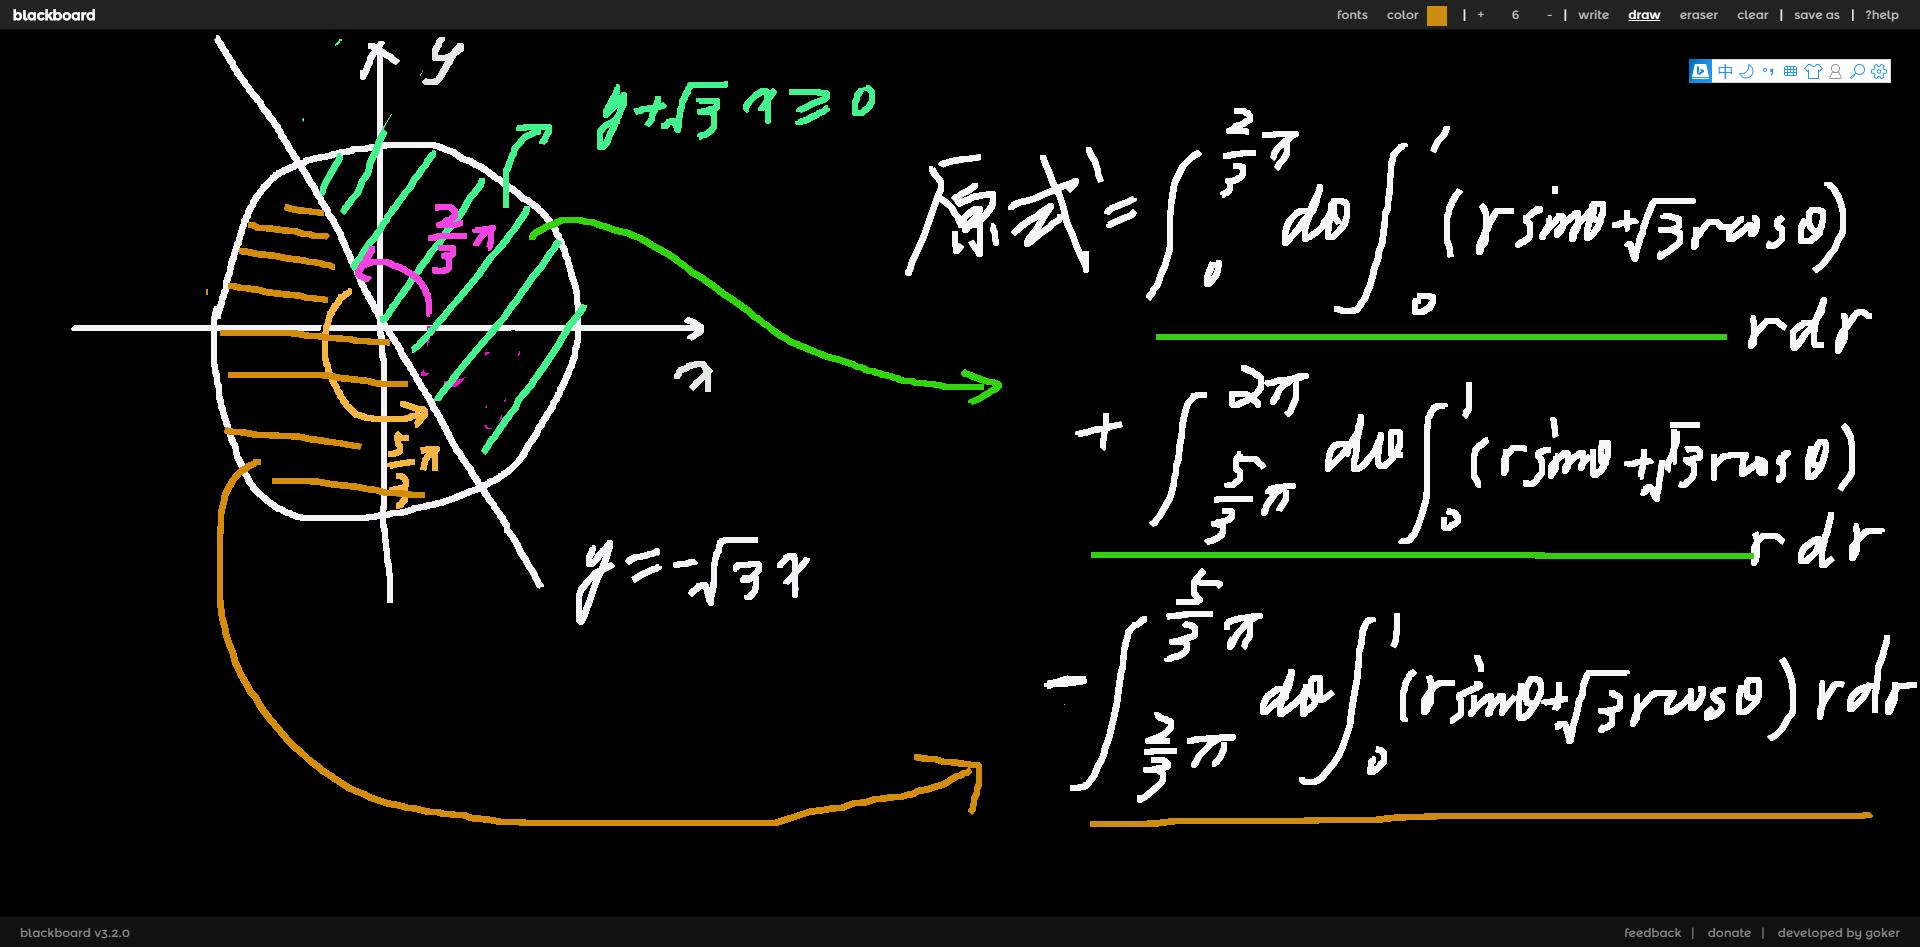 雷击中央电视�9f�x�_高数微积分 若f(x)是(a,b)上的无界函数,则存在(a,b)内的数列{xn}使得